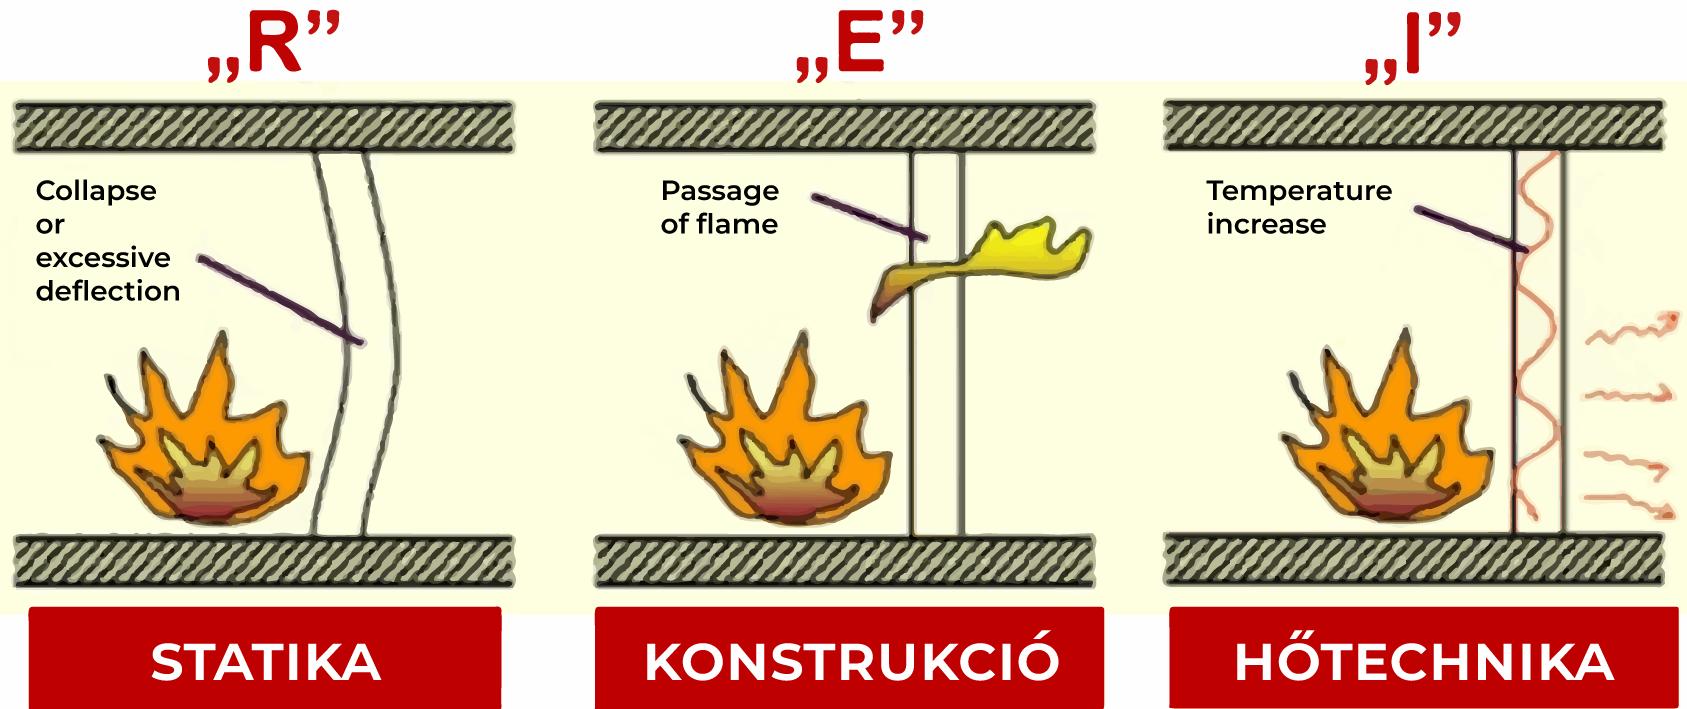 Tűzállósági teljesítményjellemzők